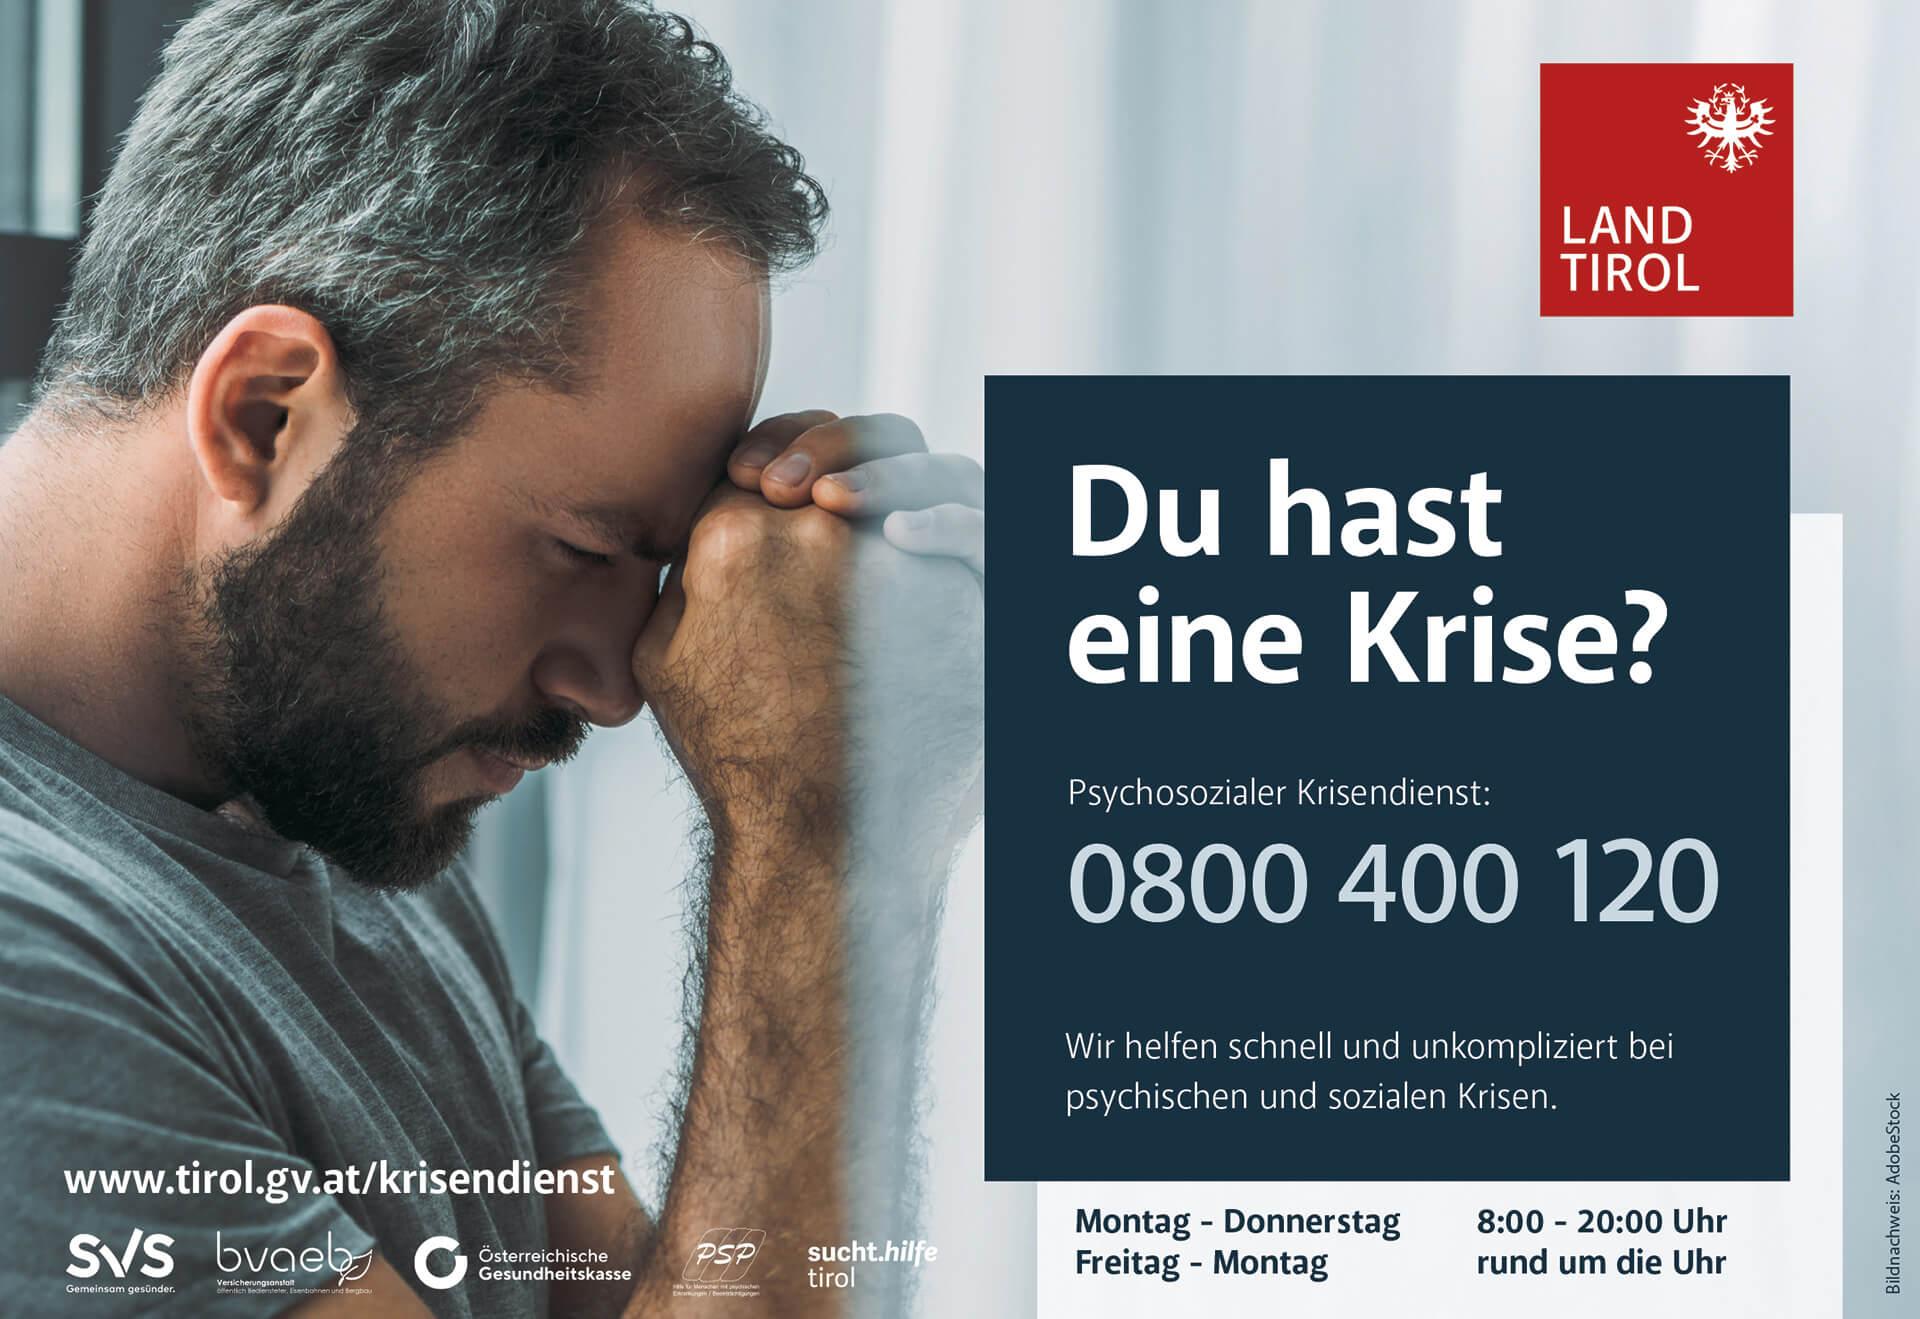 Hinweis: Psychosozialer Krisendienst Tirol